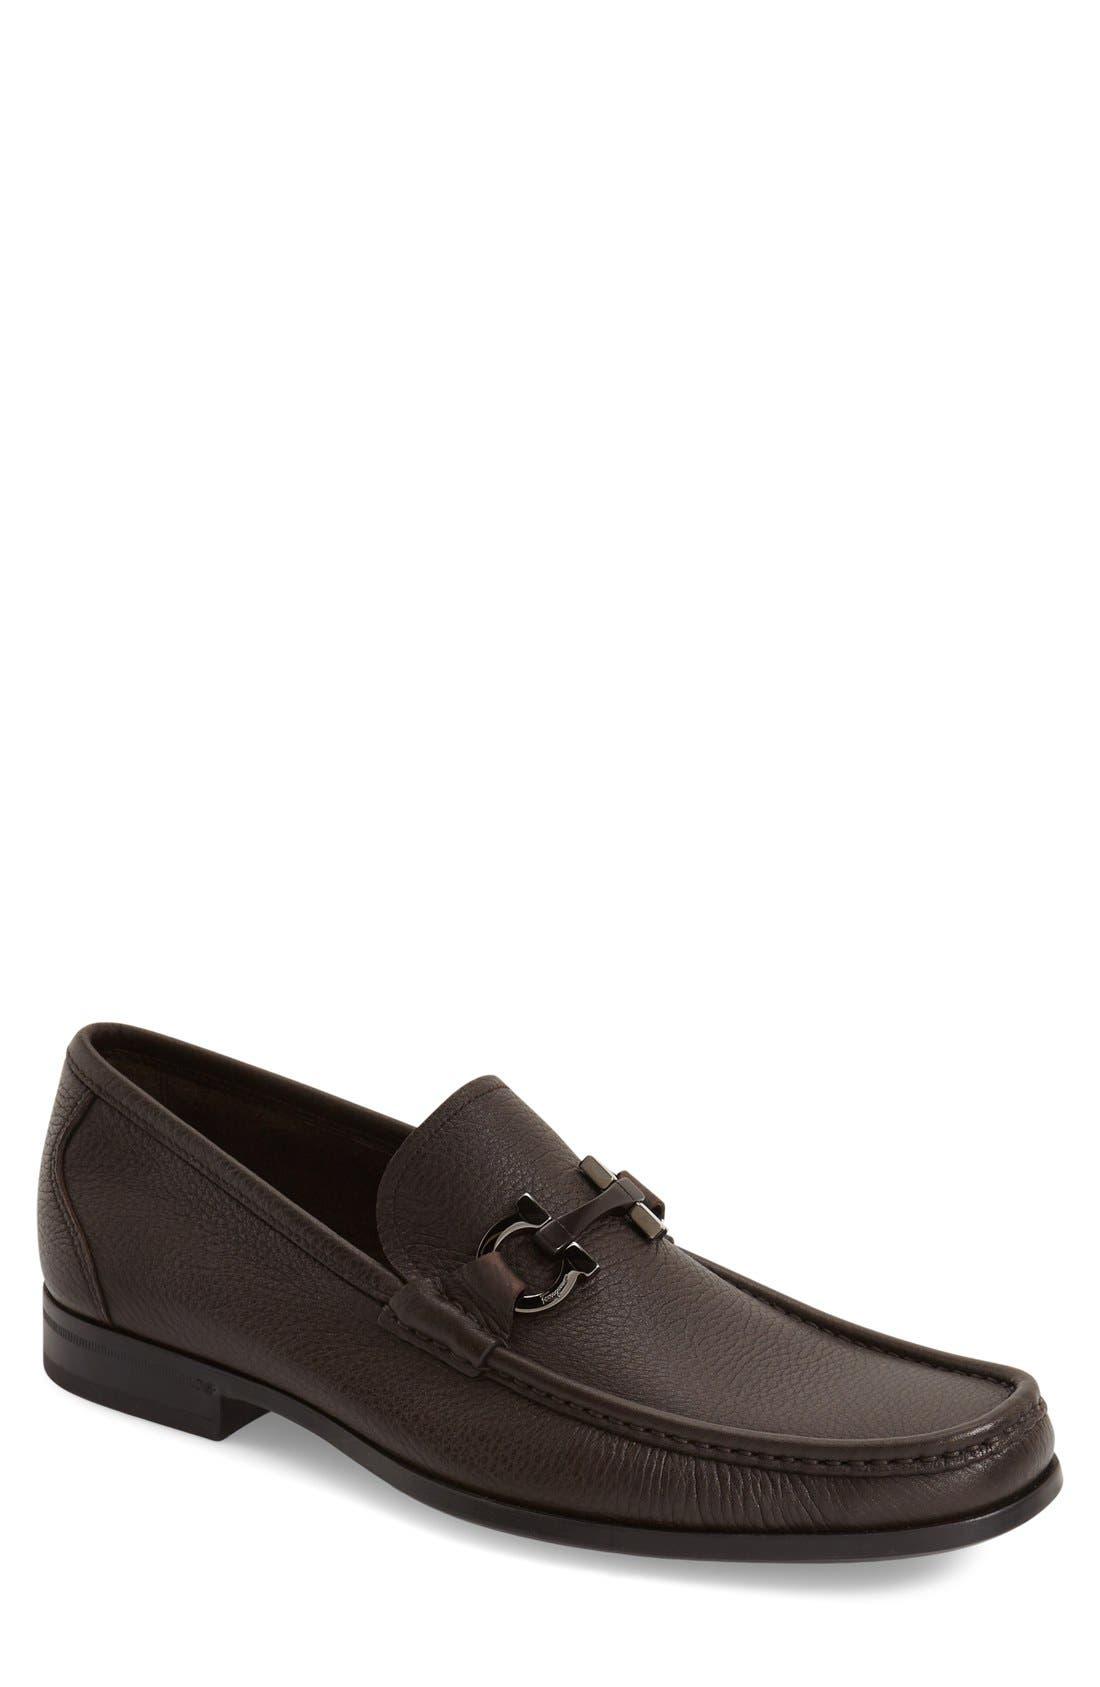 Sneakers for Men On Sale, Chalk, Leather, 2017, 6 7 Salvatore Ferragamo